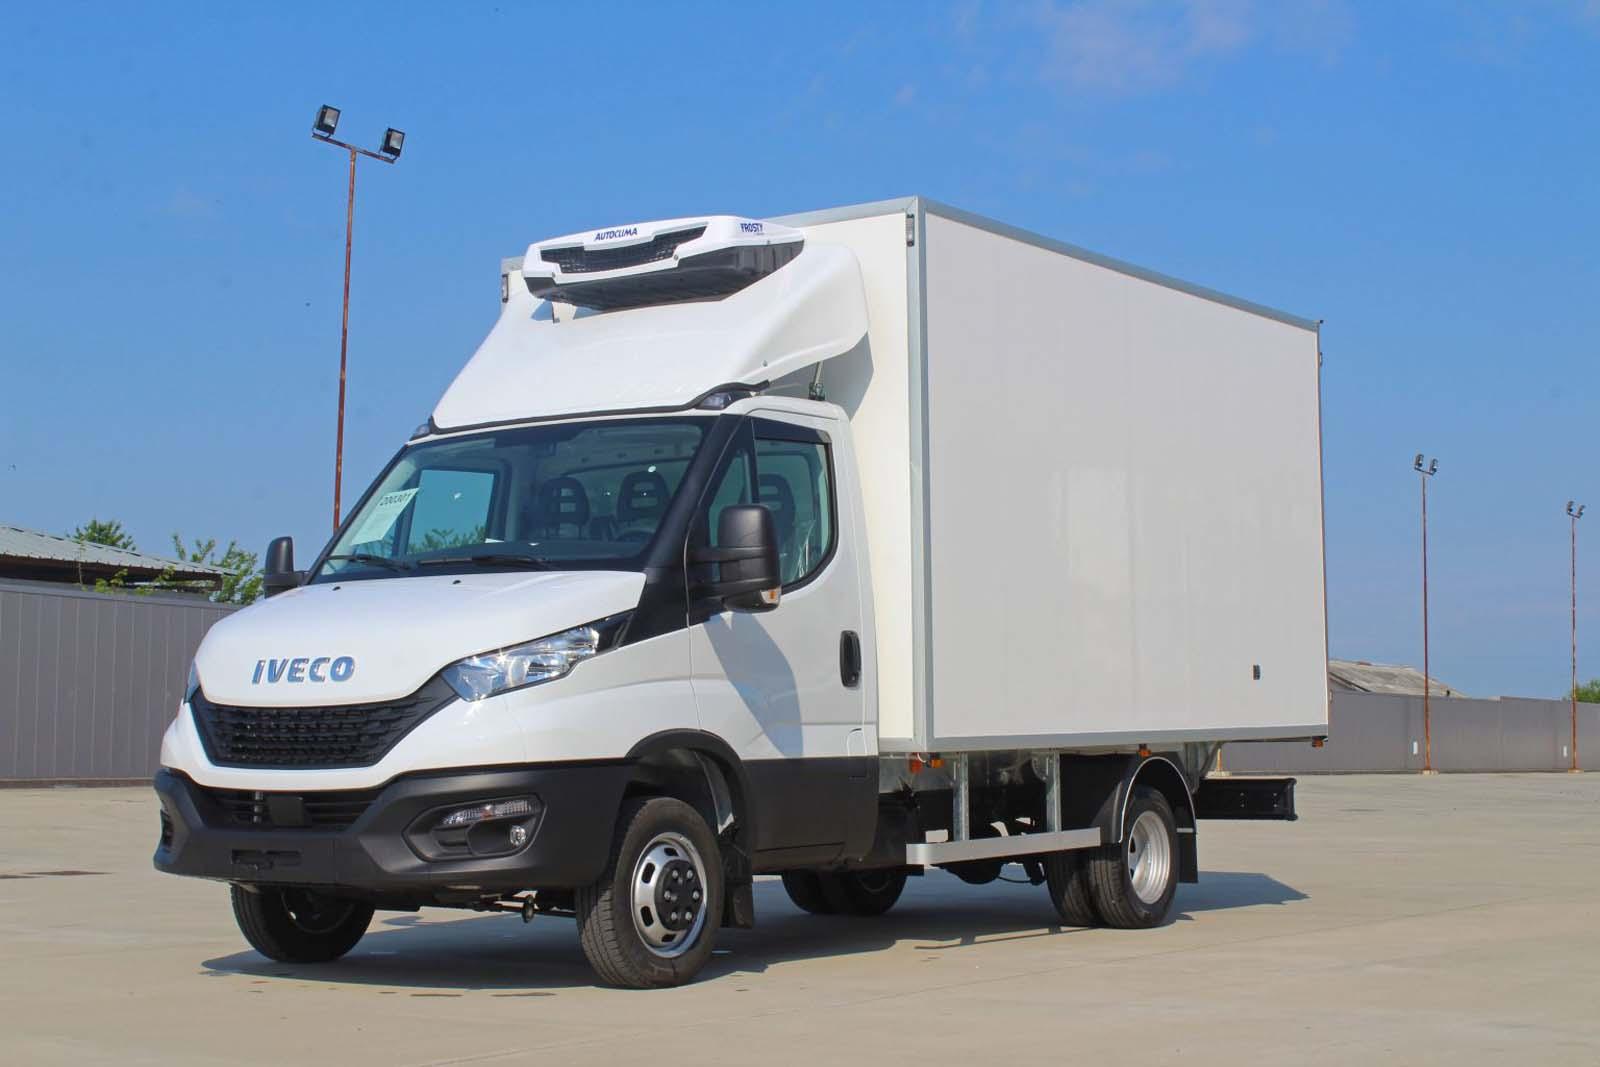 burgas-truck-service-upgrades-11